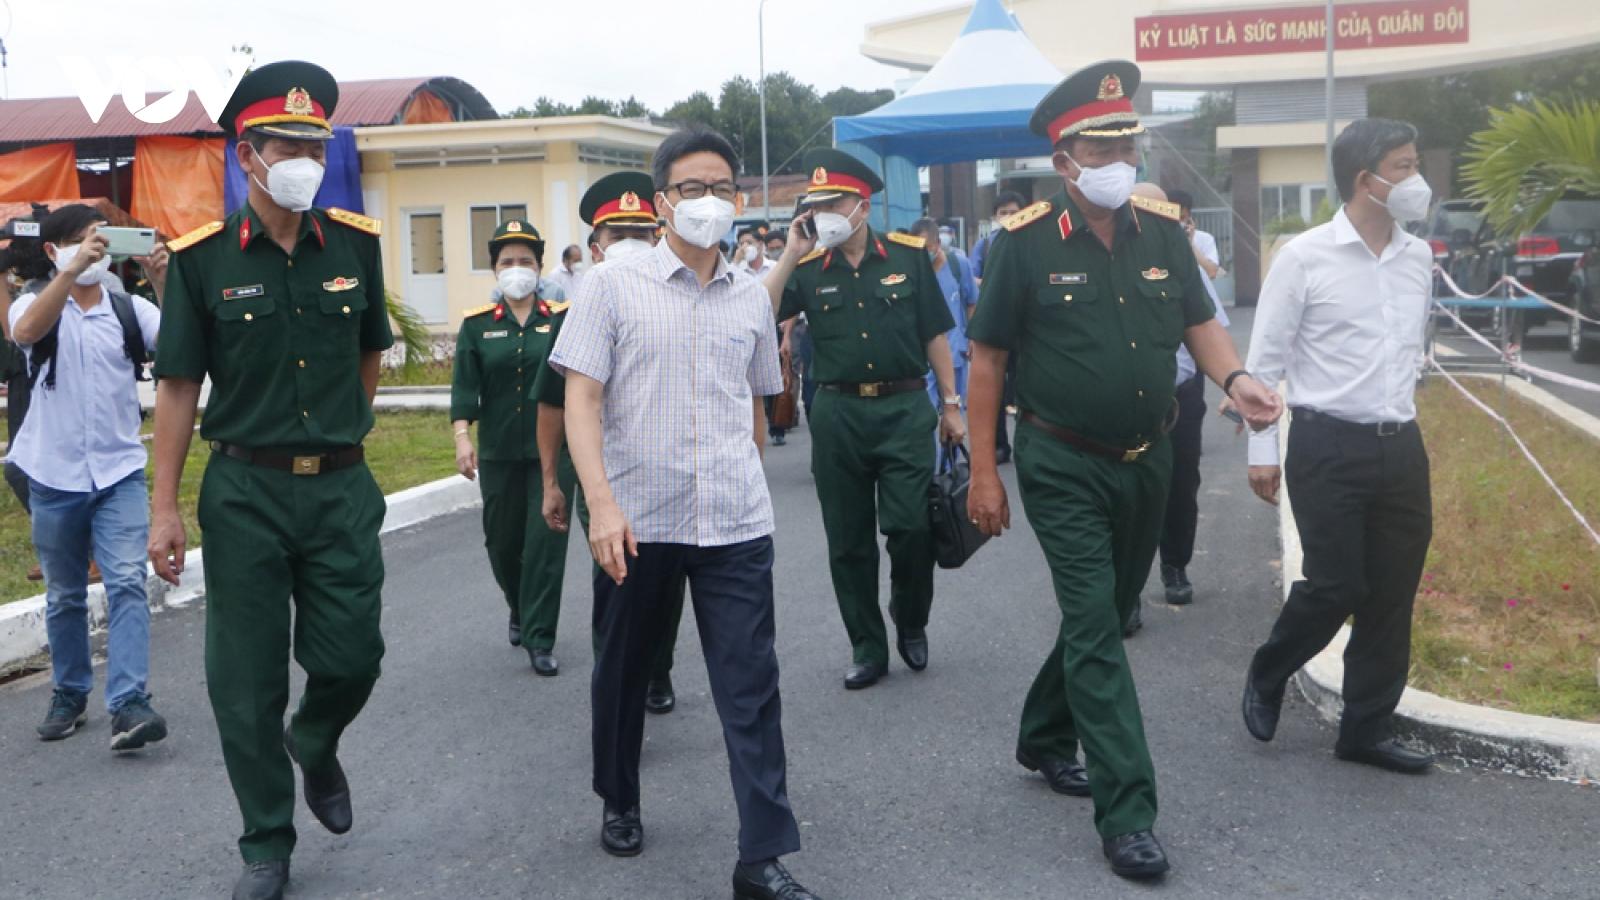 Phó Thủ tướng Vũ Đức Đamkiểm tra công tác phòng chống dịch ởBình Dương